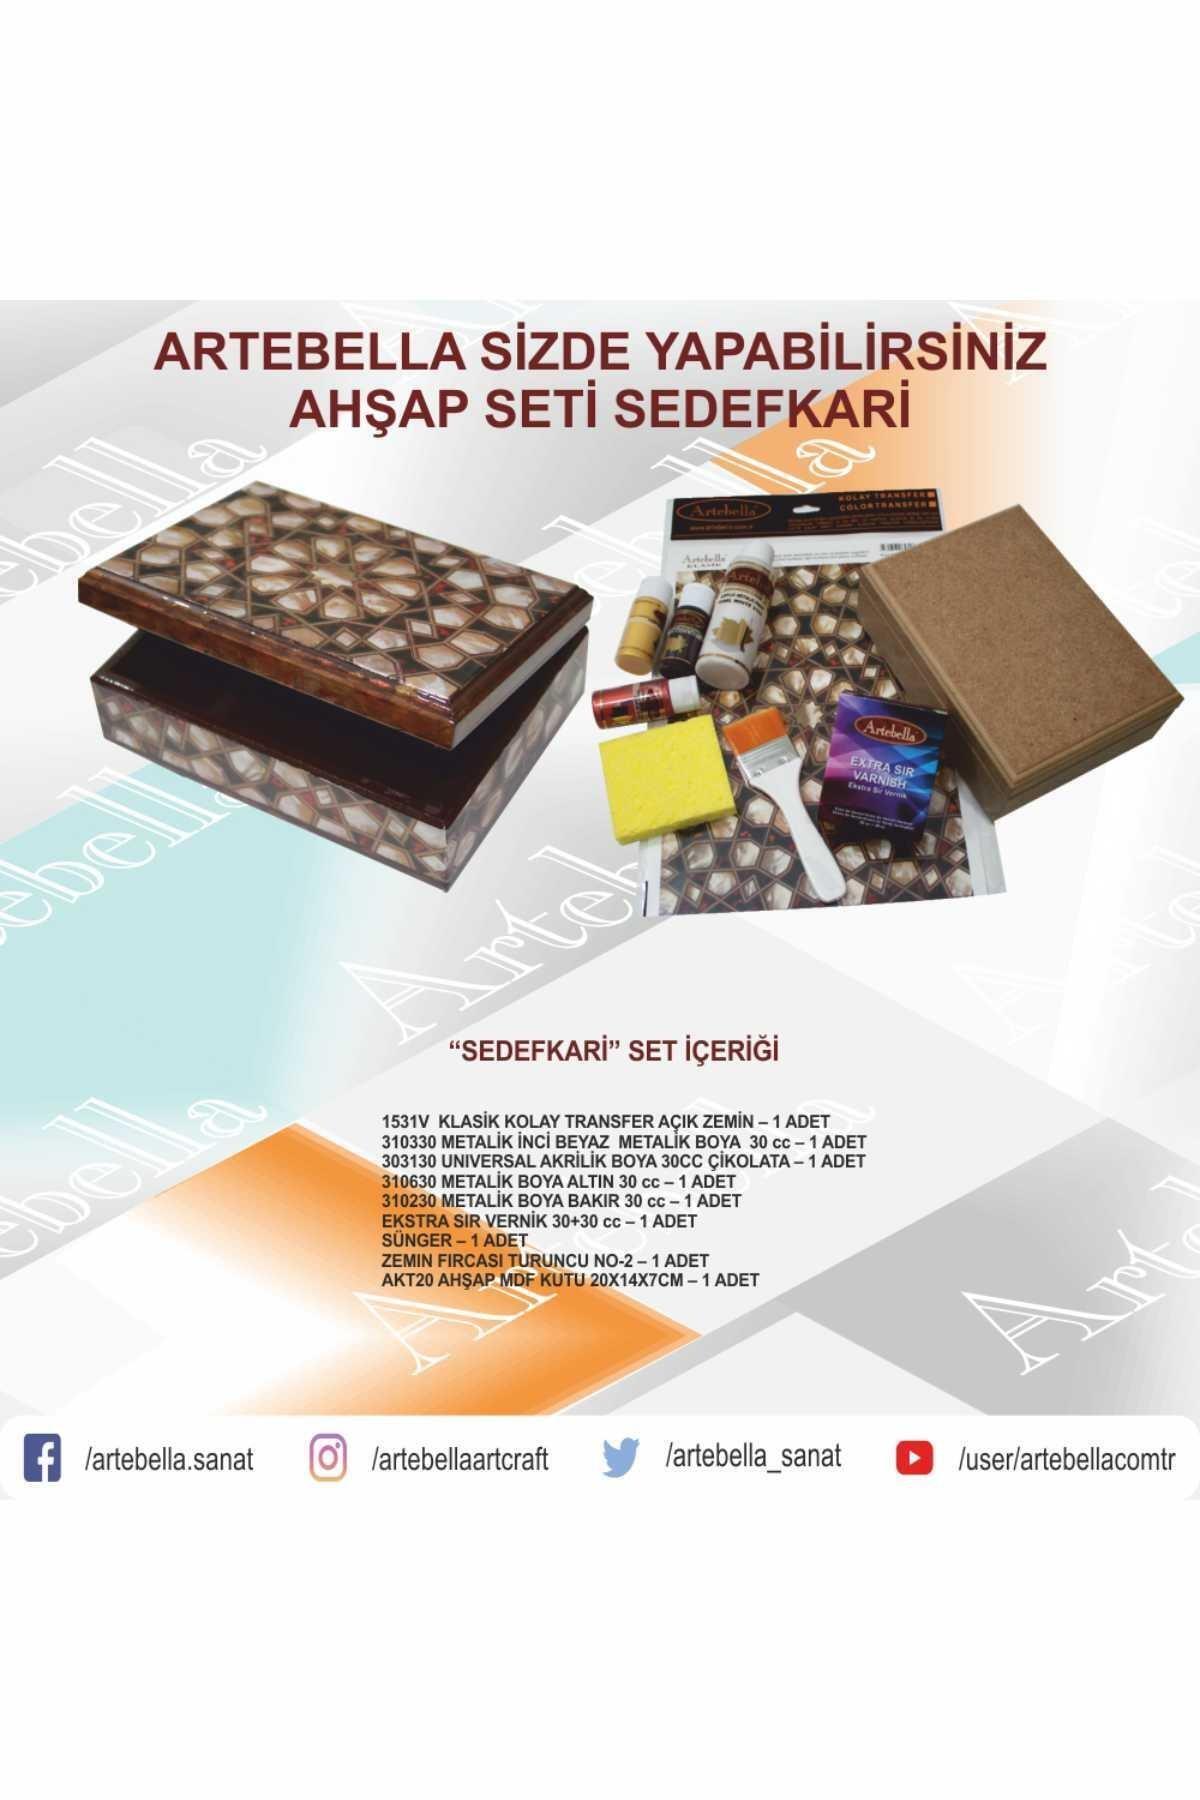 Artebella Syst0004 Sizde Yapabilirsiniz Set Sedefkari 1